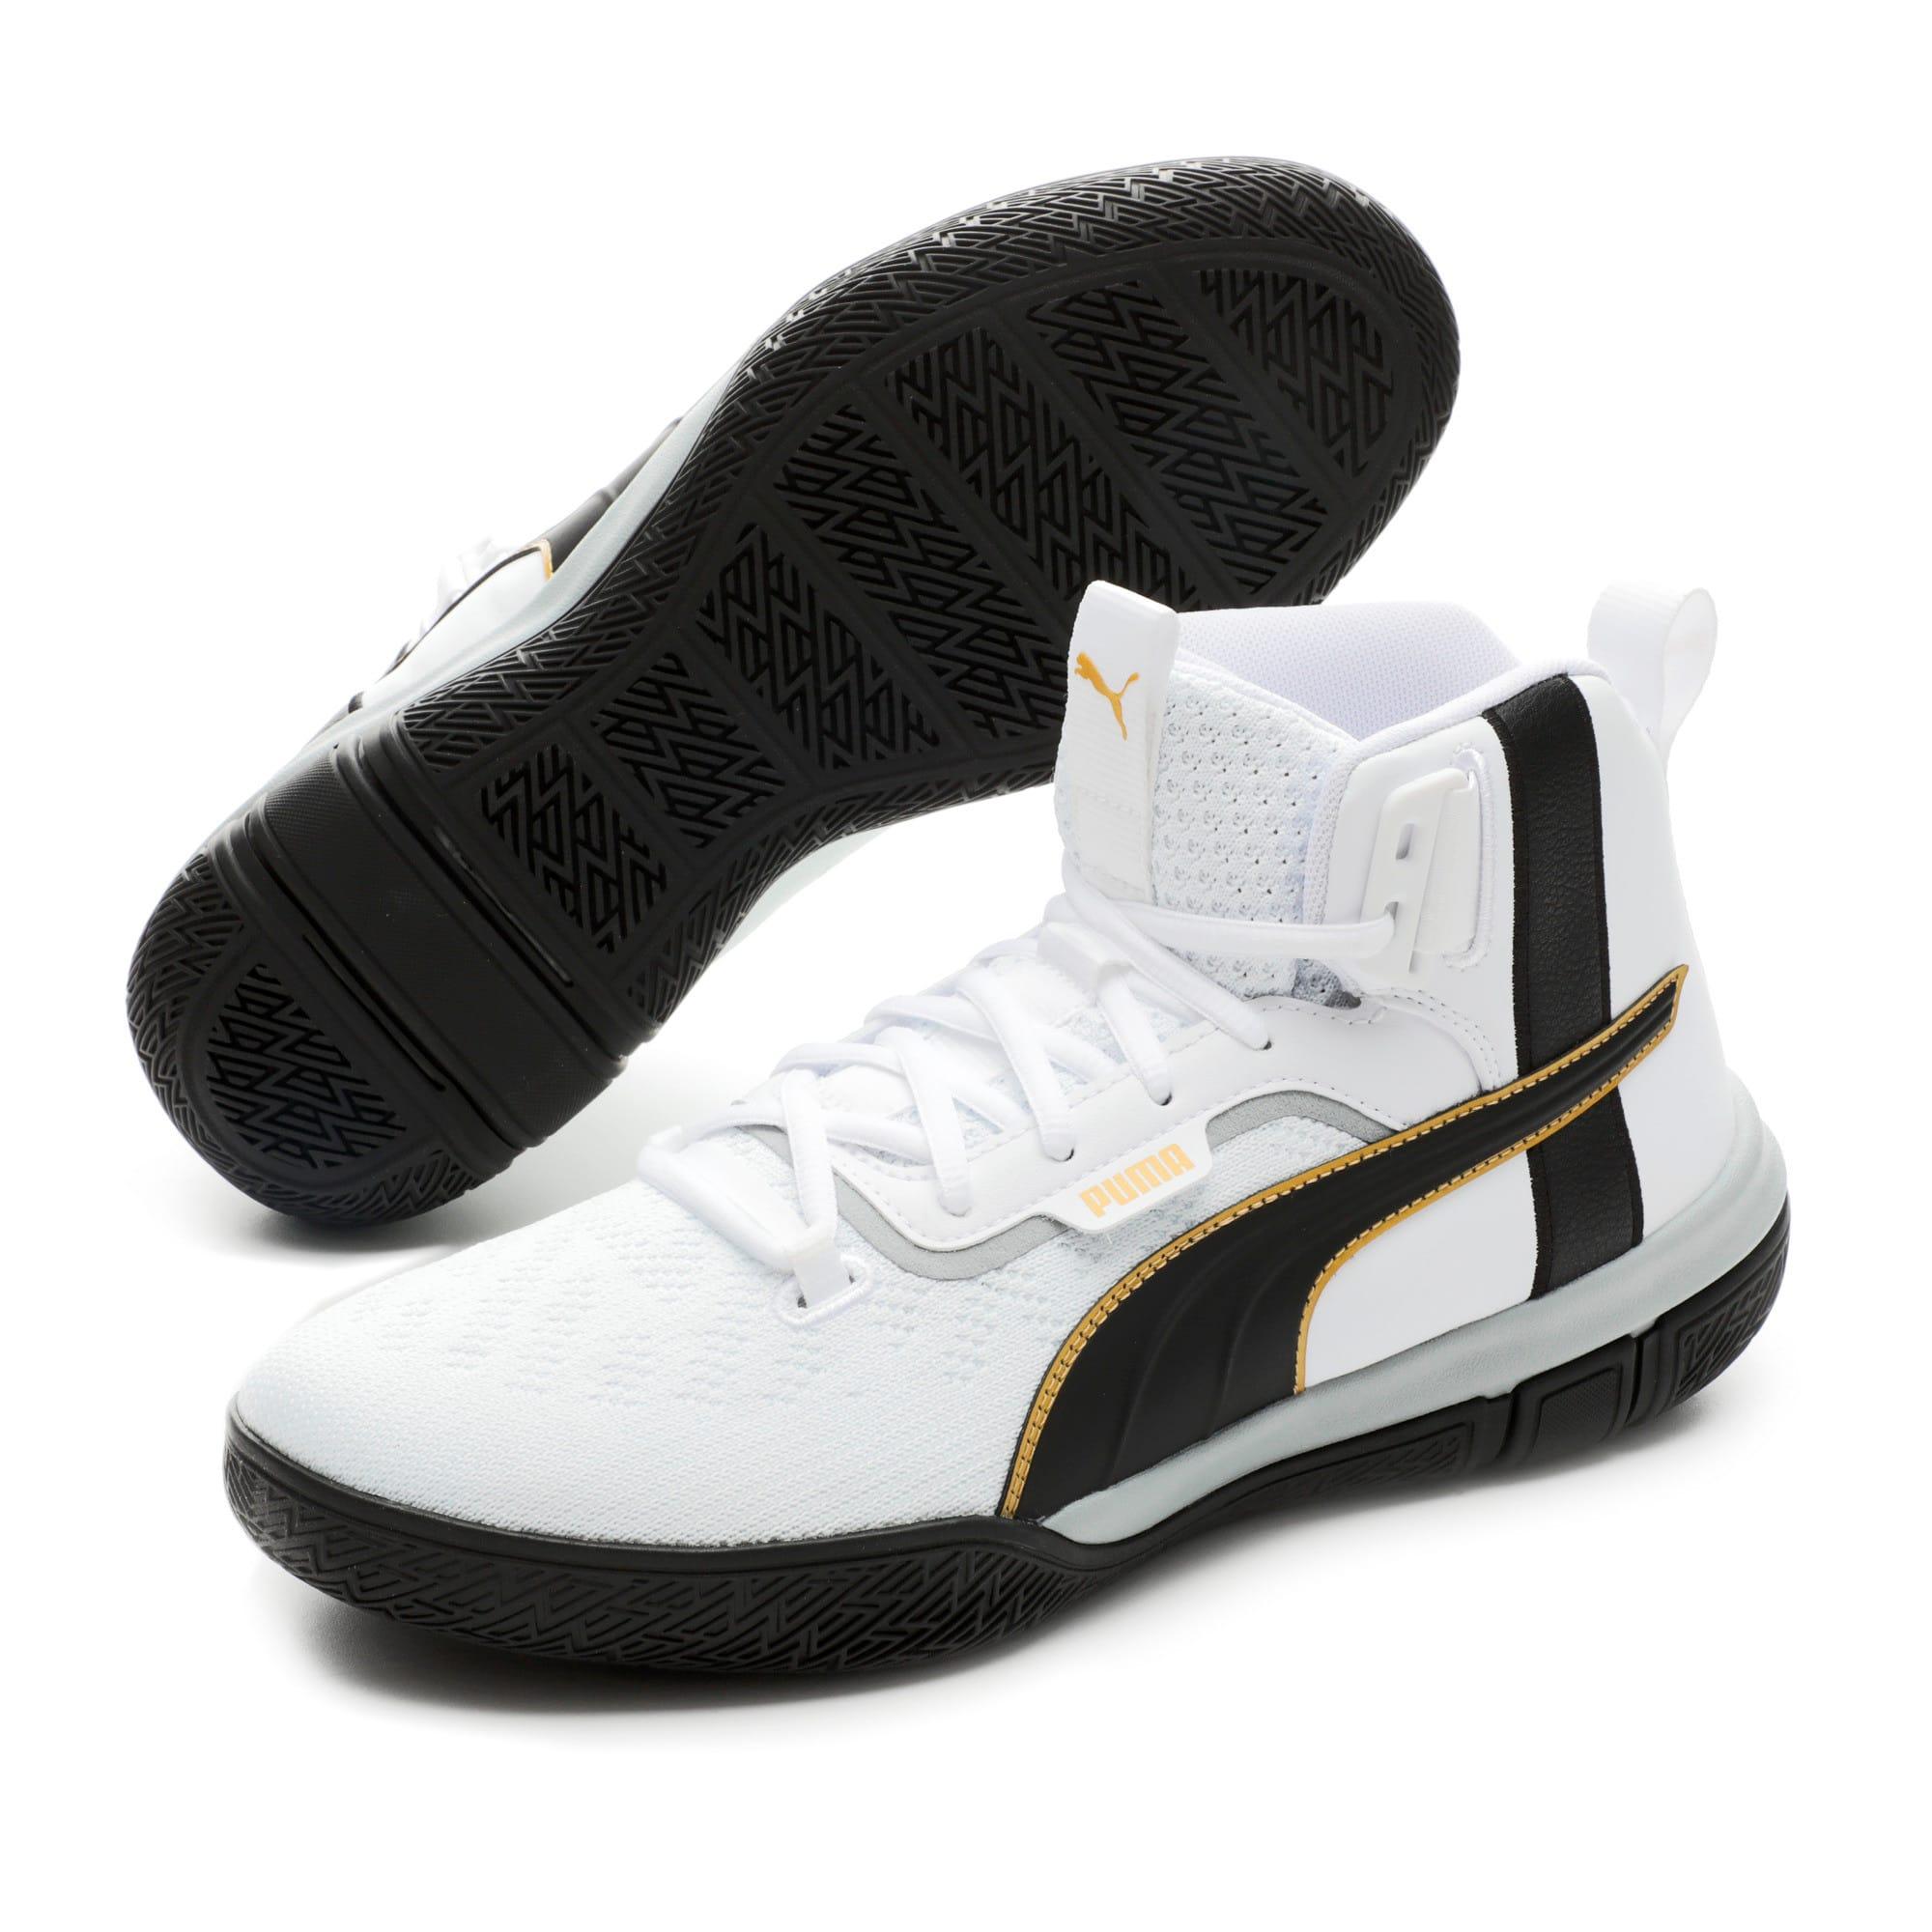 Thumbnail 2 of Legacy '68 Basketball Shoes, Puma Black-Puma White, medium